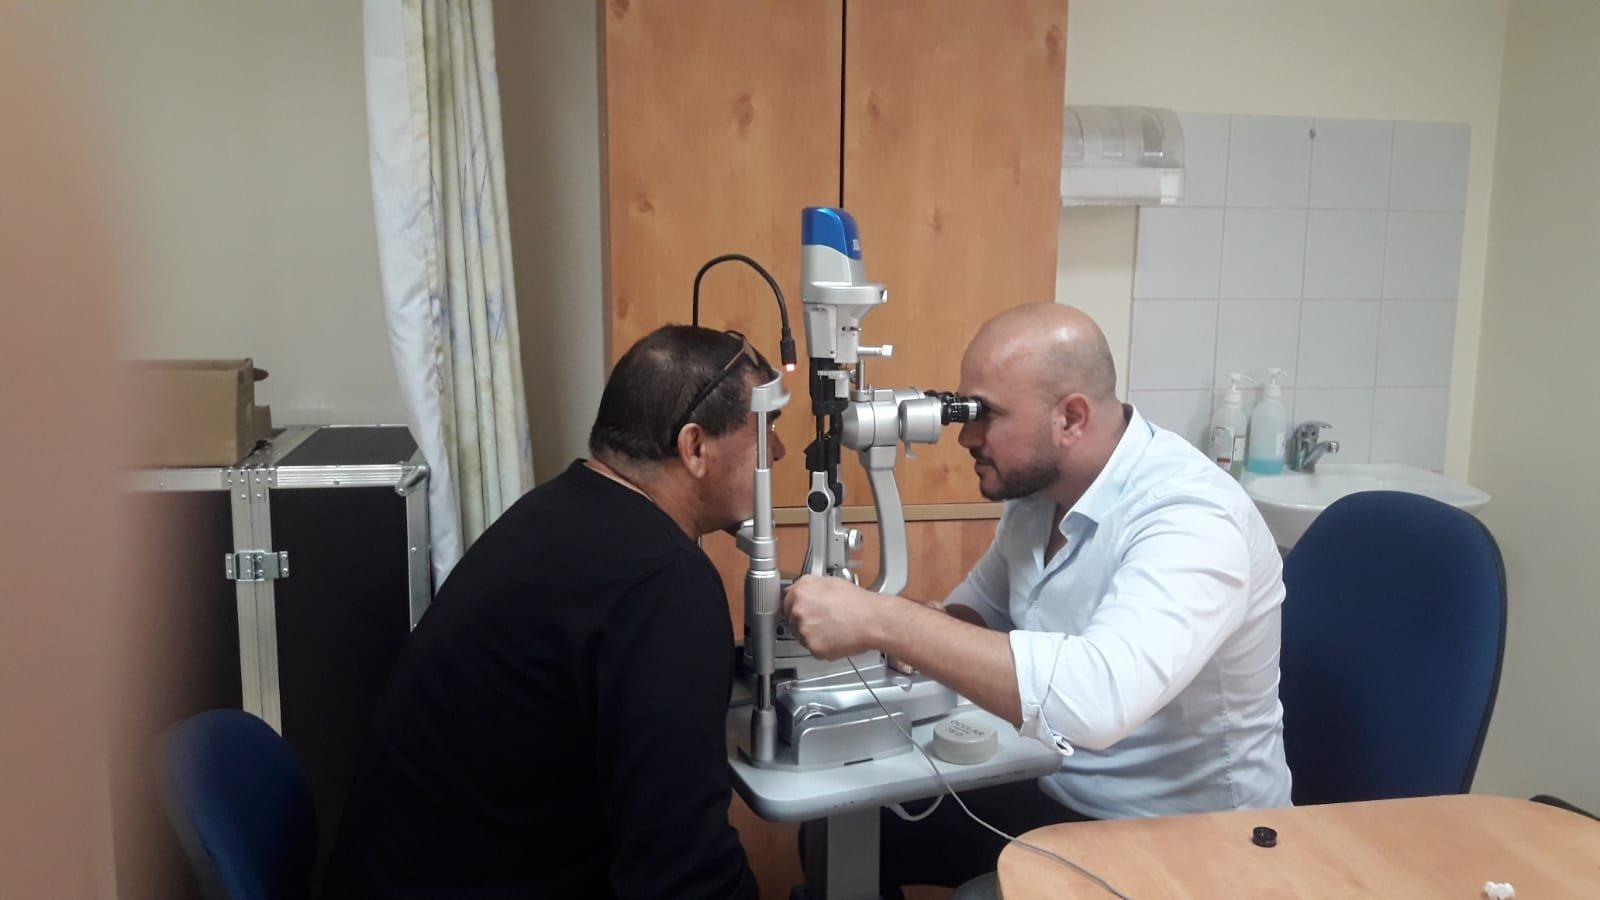 العشرات من مرضى السكري من مجد الكروم يخضعون لفحص العيون ضمن حملة مركزة أجريت لهم في عيادة كلاليت